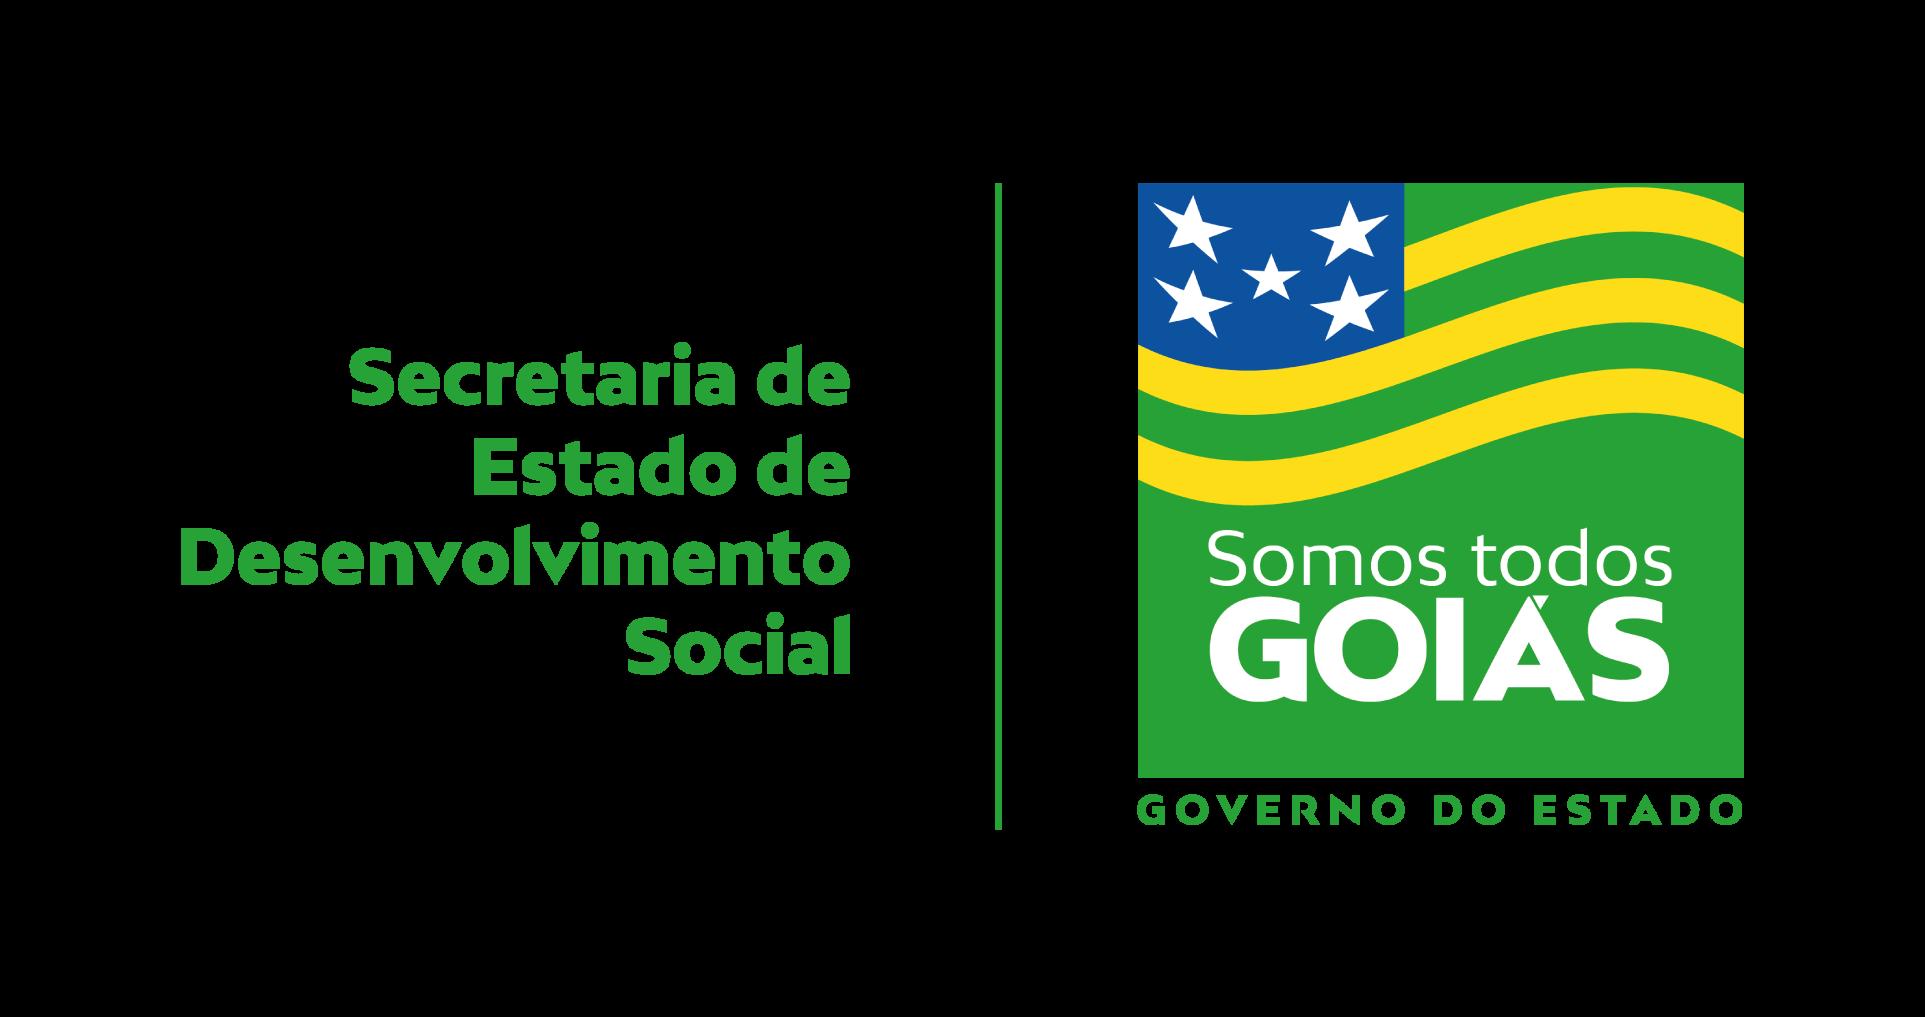 GOVERNO DE GOIÁS – SECRETARIA DE DESENVOLVIMENTO SOCIAL (SEDS)